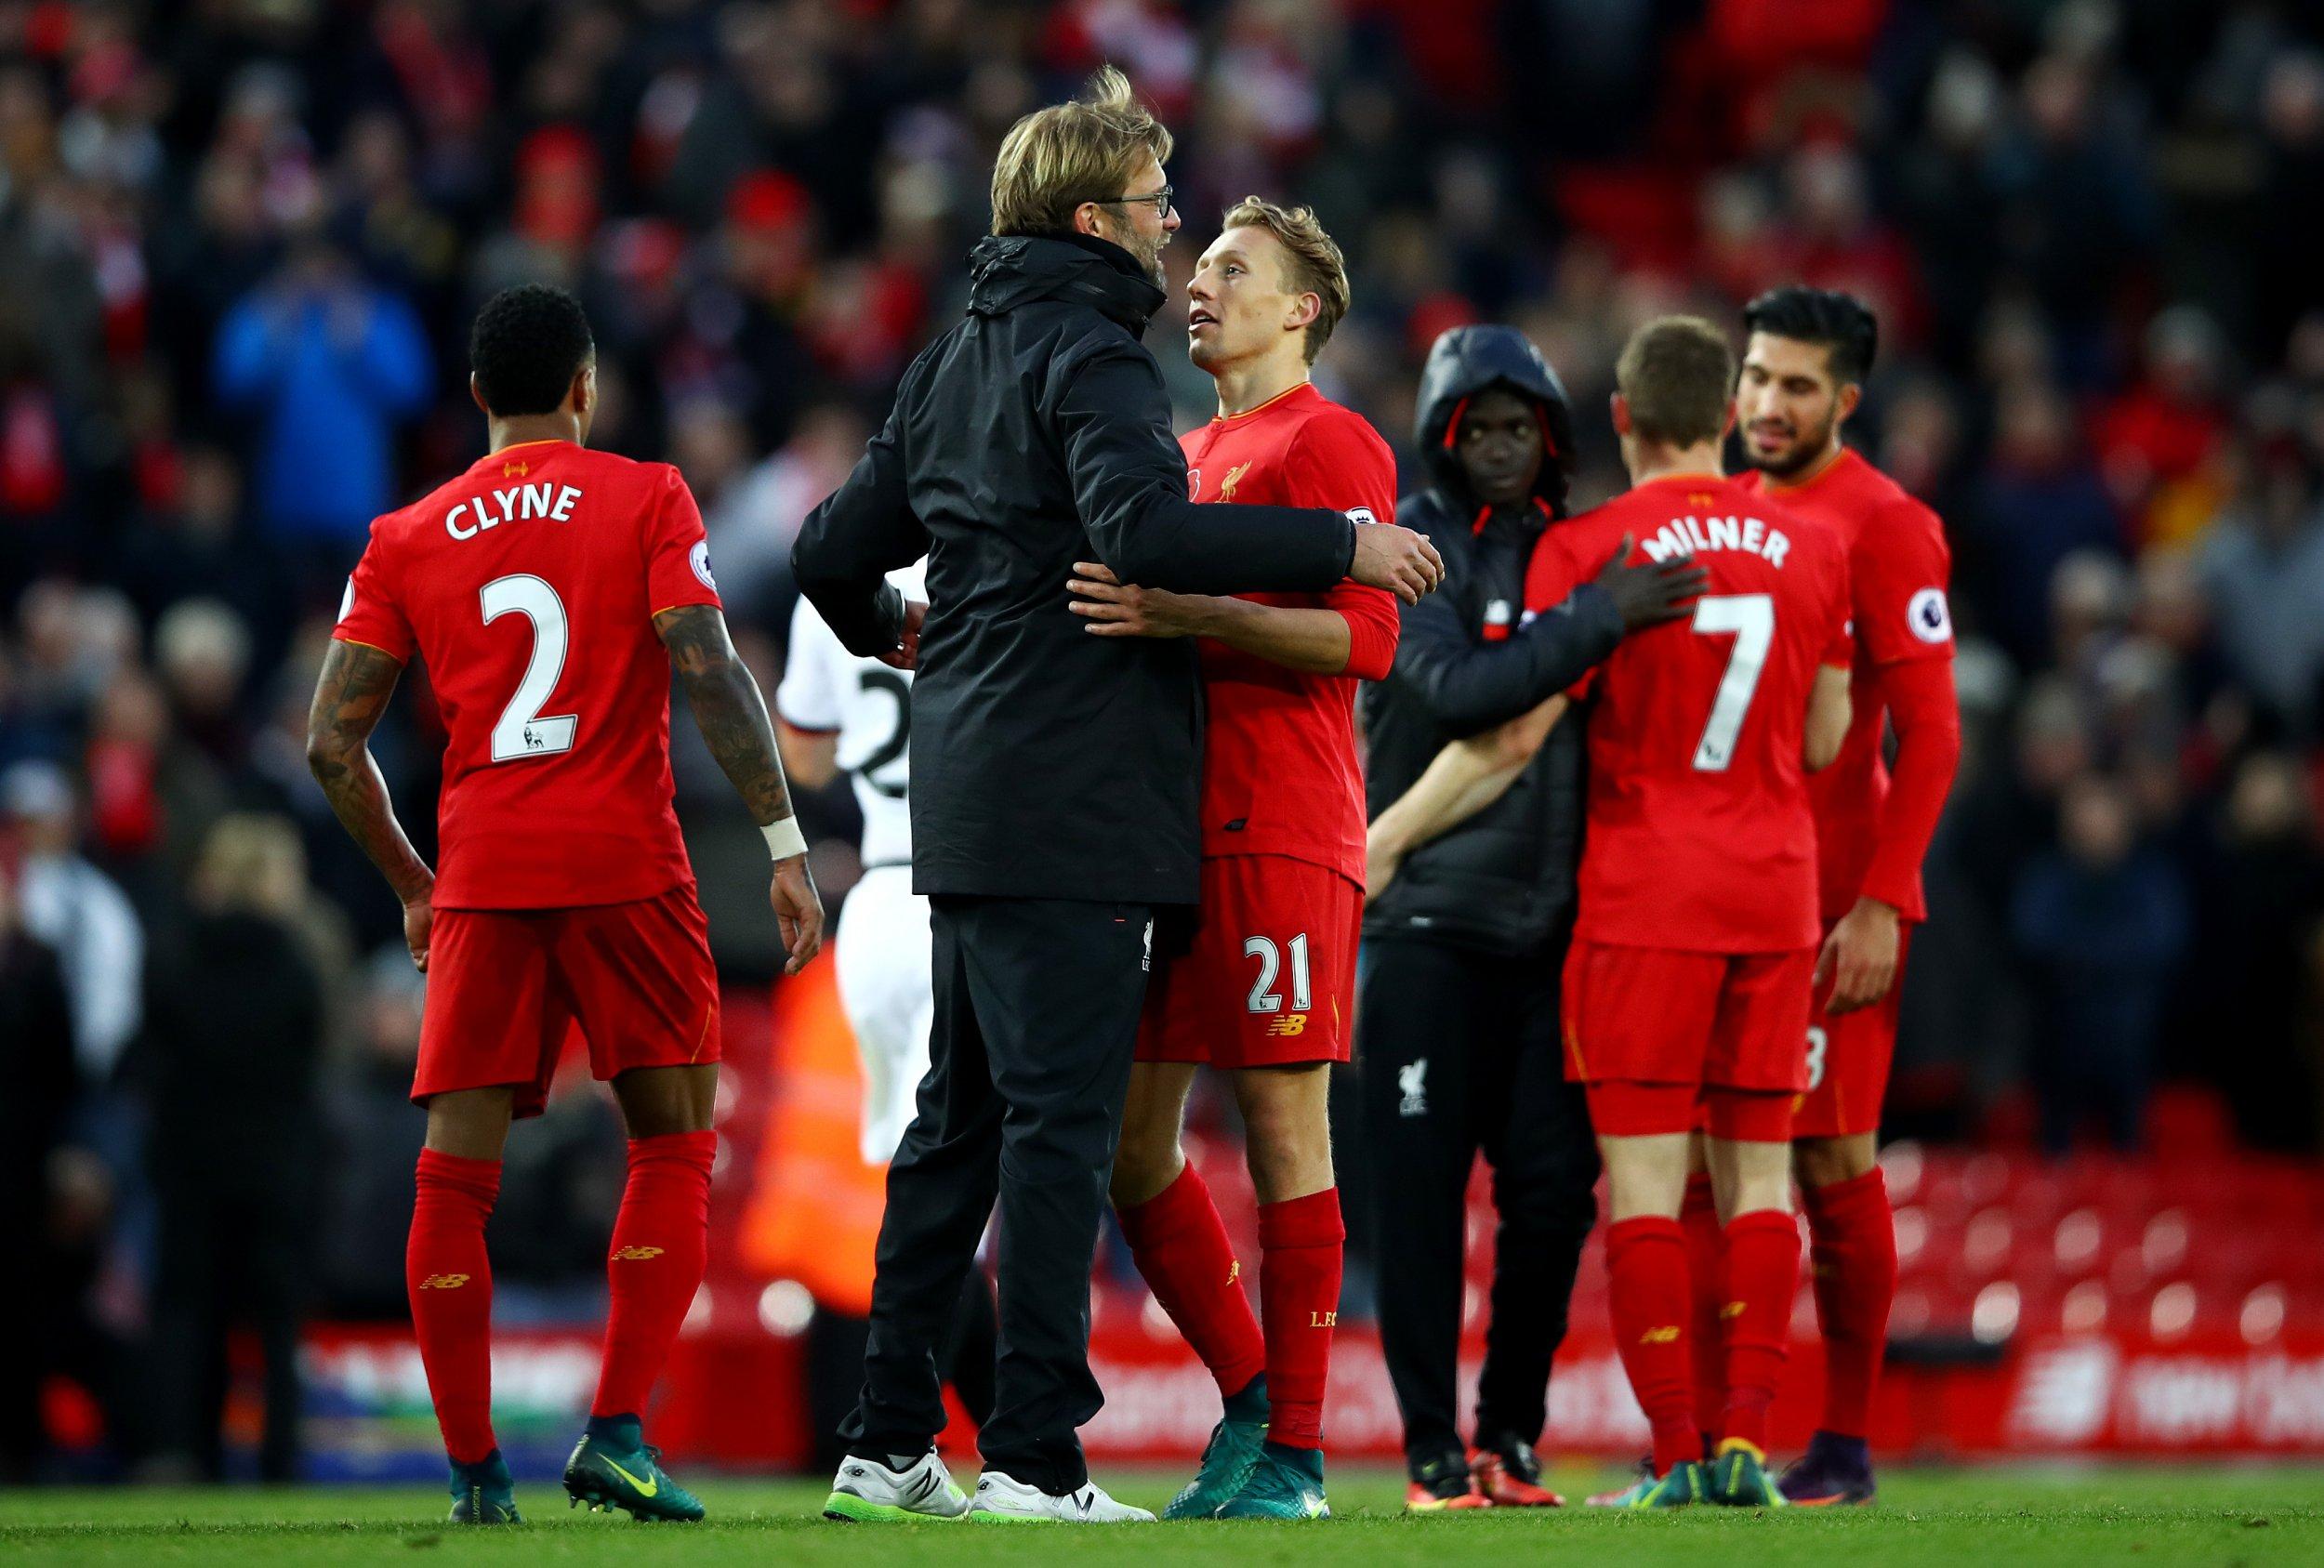 Liverpool manager Jurgen Klopp, second from left.